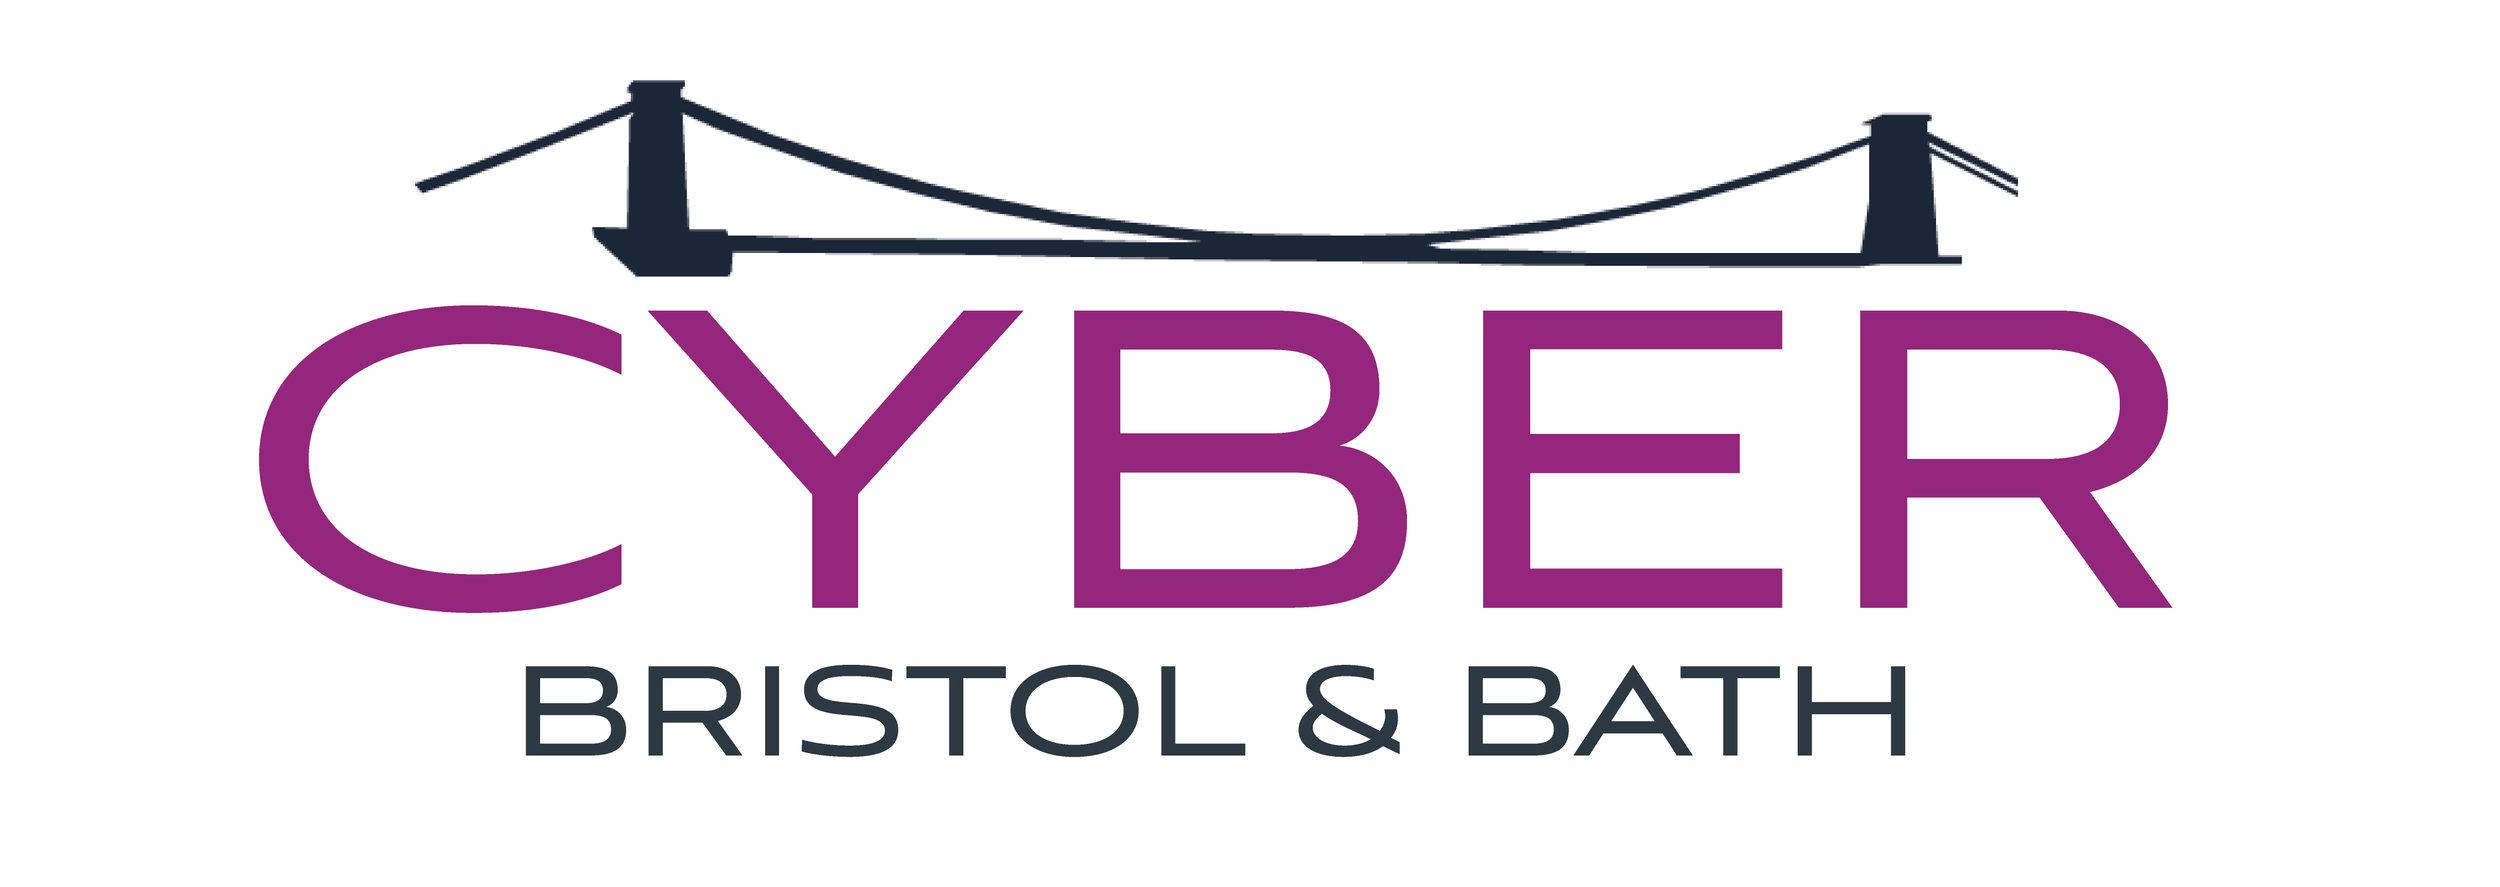 Cyber-B&B-Logo-HighRes.jpg